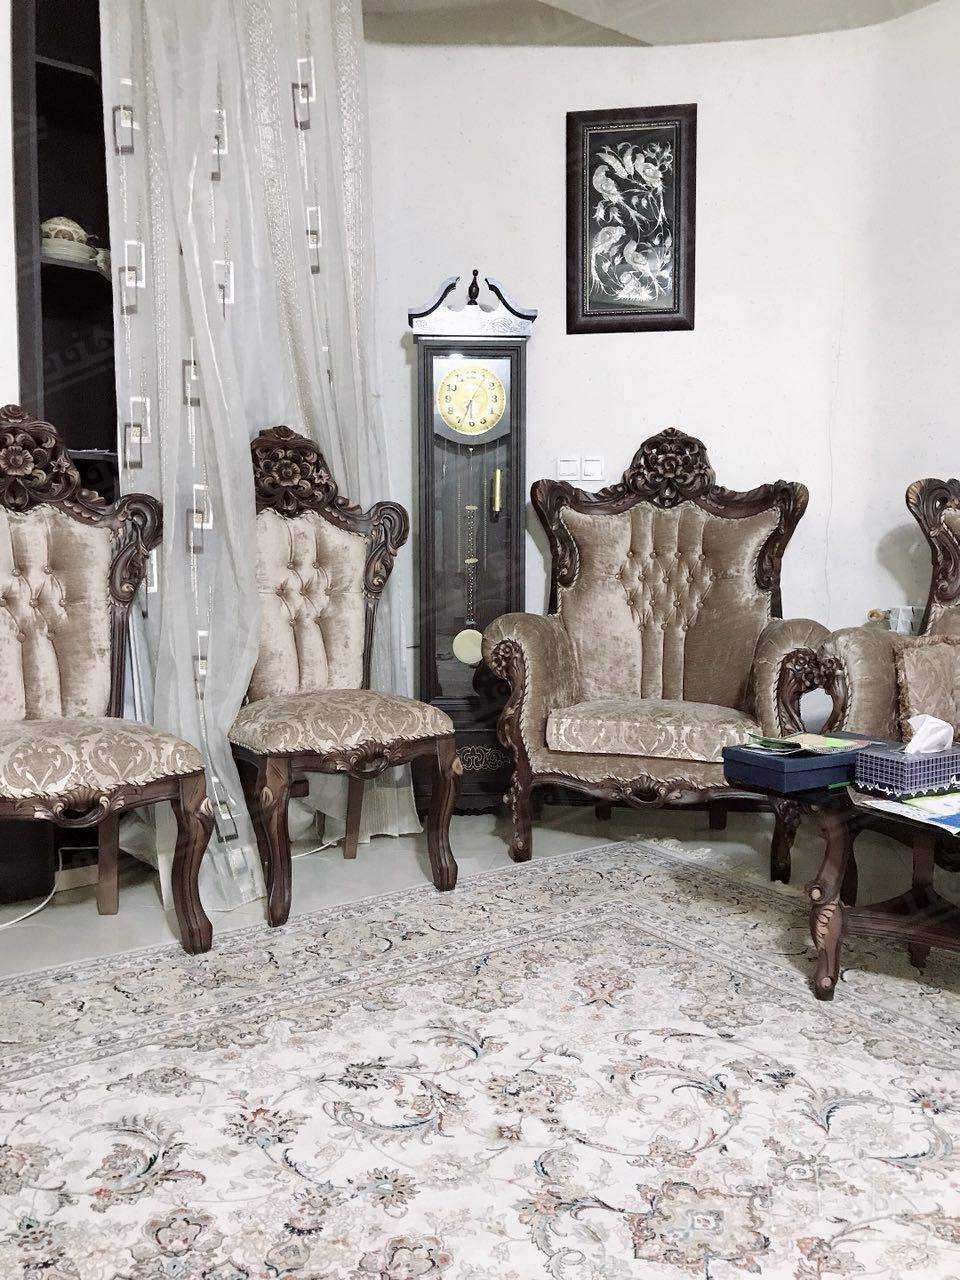 اجاره روزانه اپارتمان در اصفهان نوساز - 236